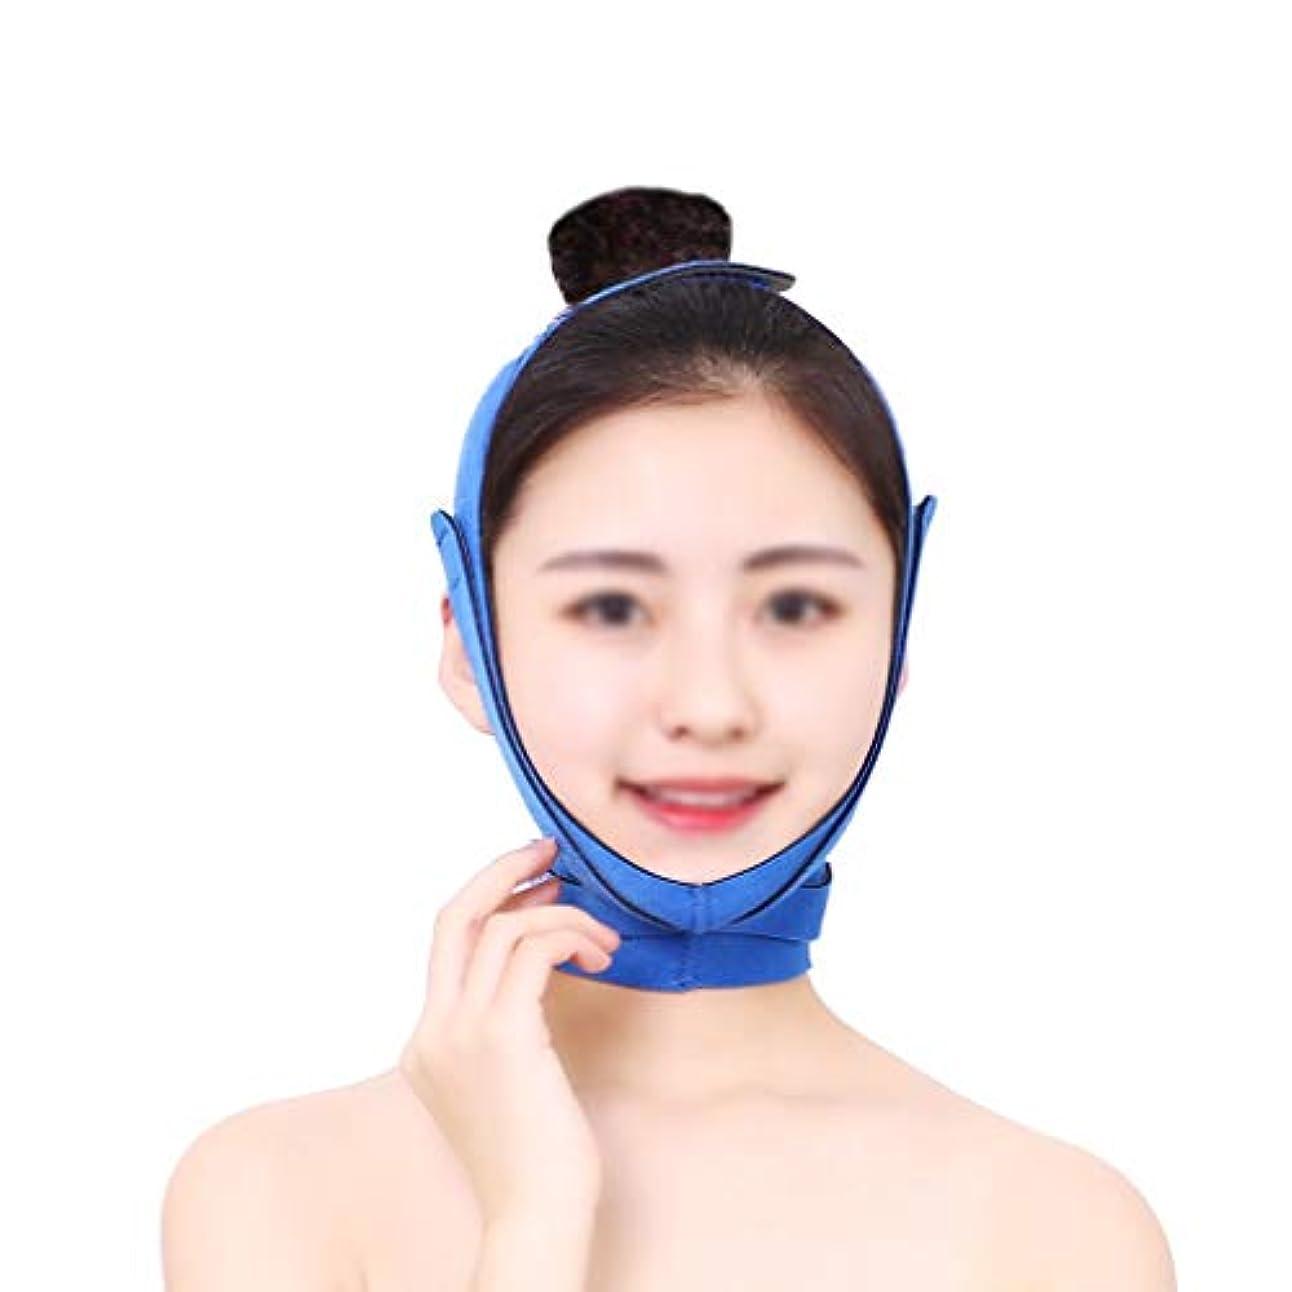 固有のかごとティームフェイシャルダブルチンケア減量フェイスベルト、フェイスリフティングマスク、リフティングプラスチックビューティーフェイス、スリープマスク、ブルー、シェーピングフェイス、女性に適しています